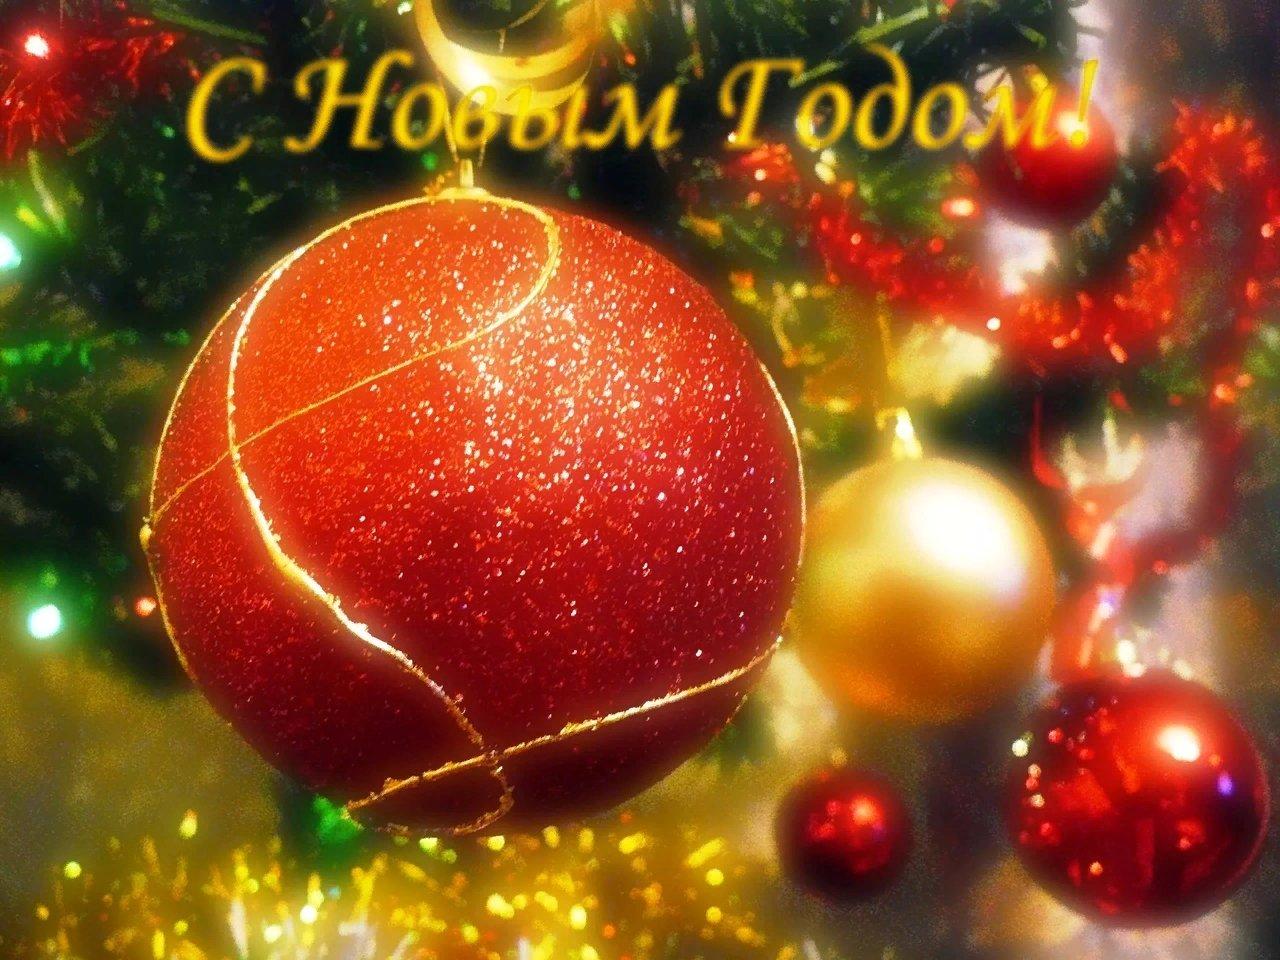 Полнолуние над, интересные видео открытки с новым годом